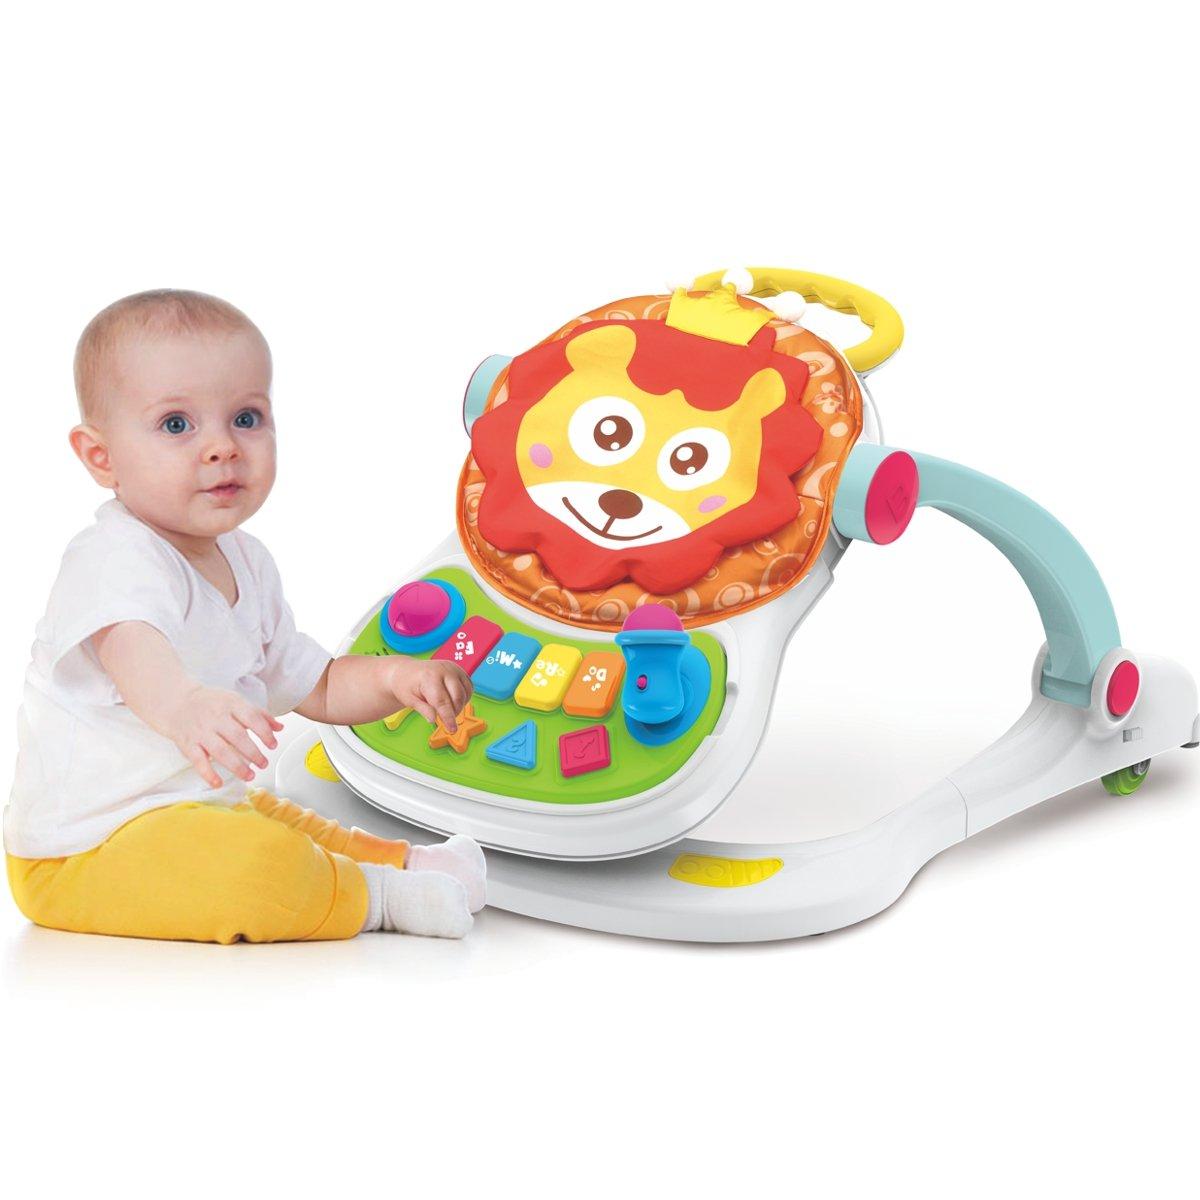 4 en 1 bebé Andador Centro de juegos Baby Walker: Amazon.es: Bebé